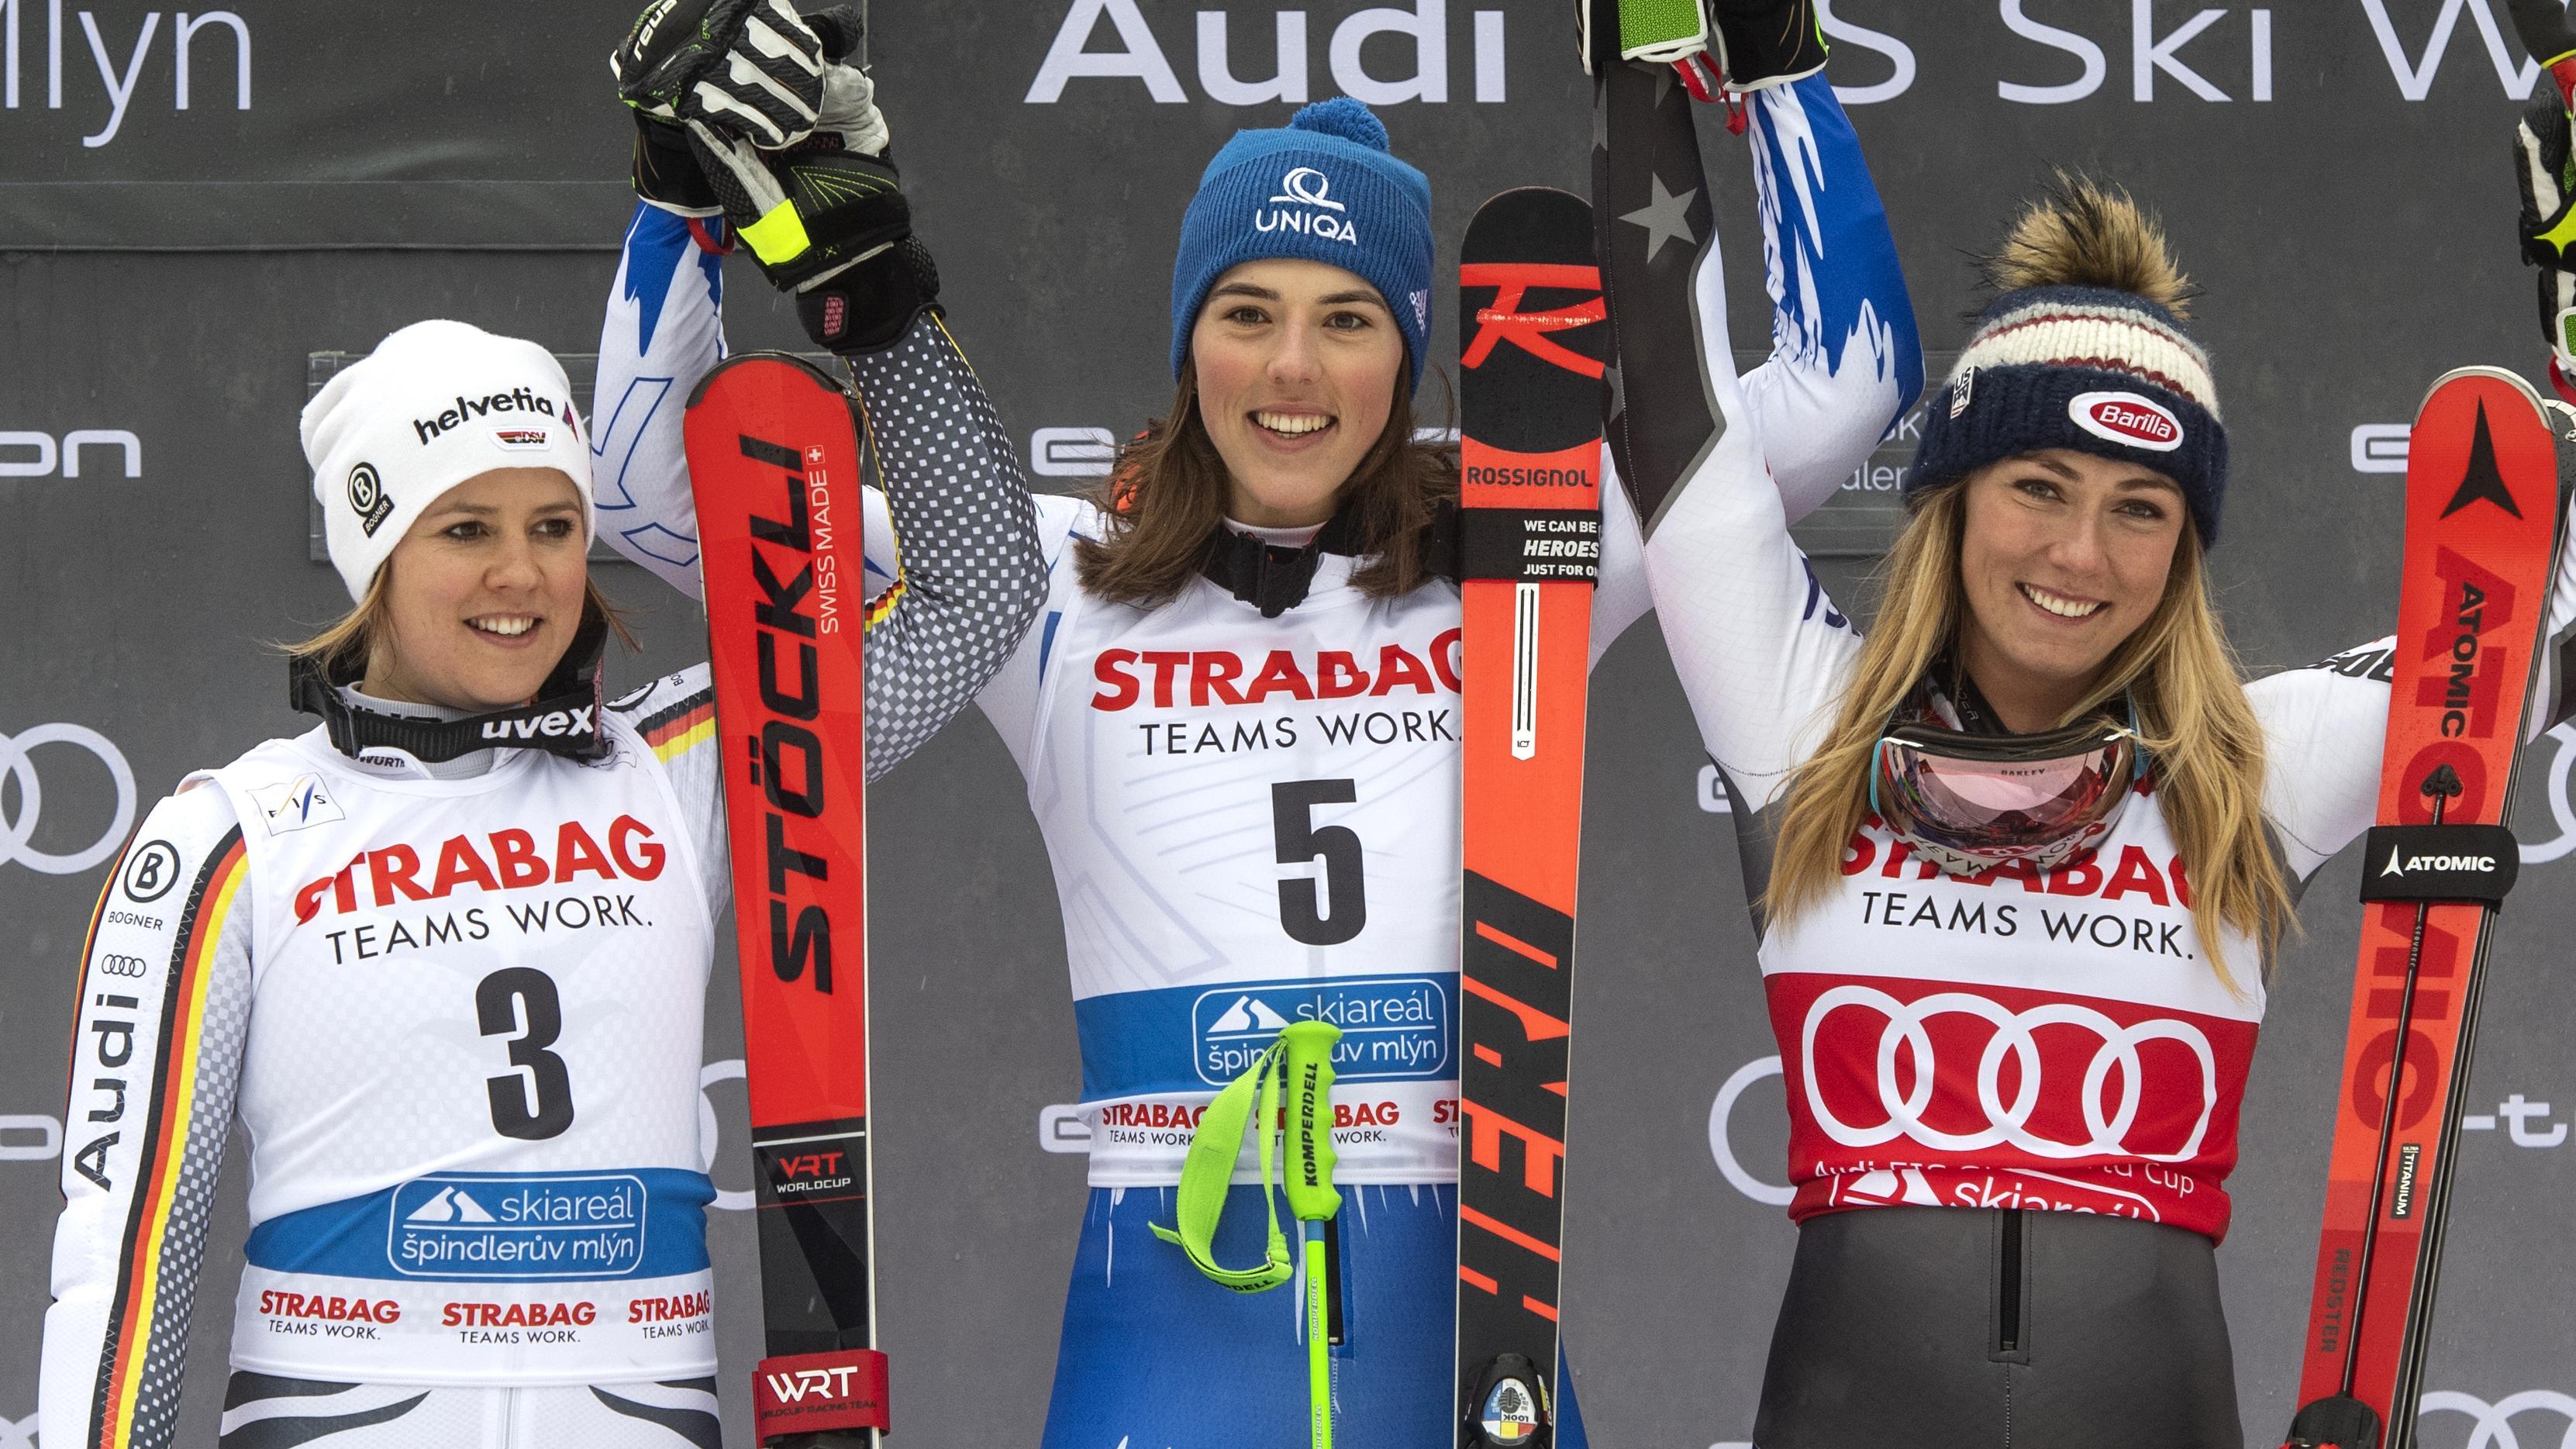 Podium in Spindlermühle: Viktoria Rebensburg, Petra Vlhová, Mikaela Shiffrin